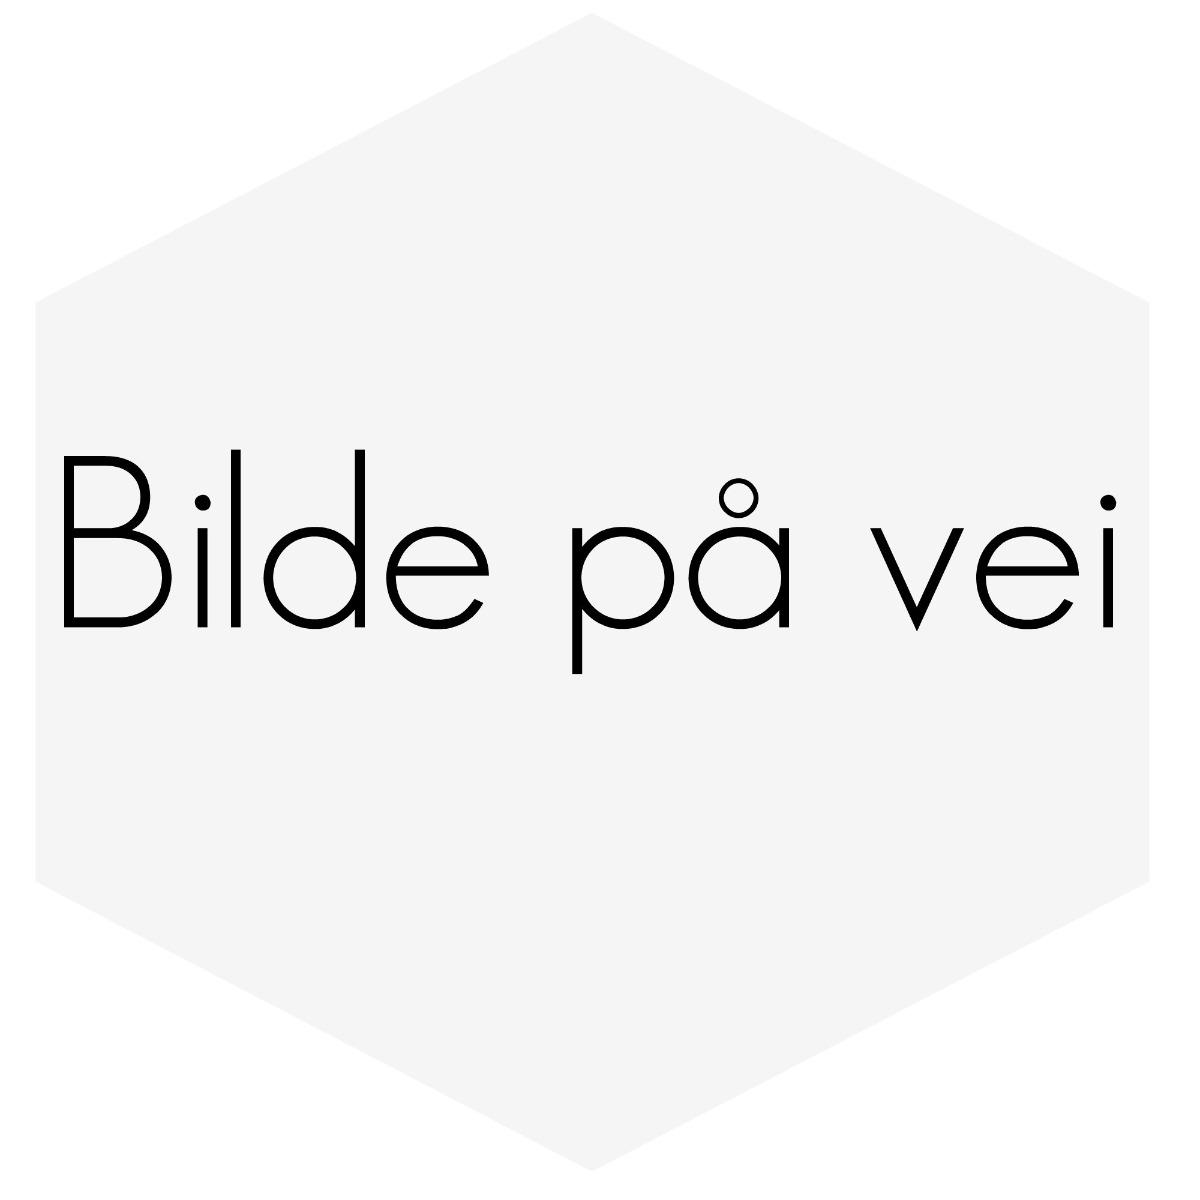 EKSPANSJONSTANK I ALU. 4-KANTET. 2.0L. FOR VANN.